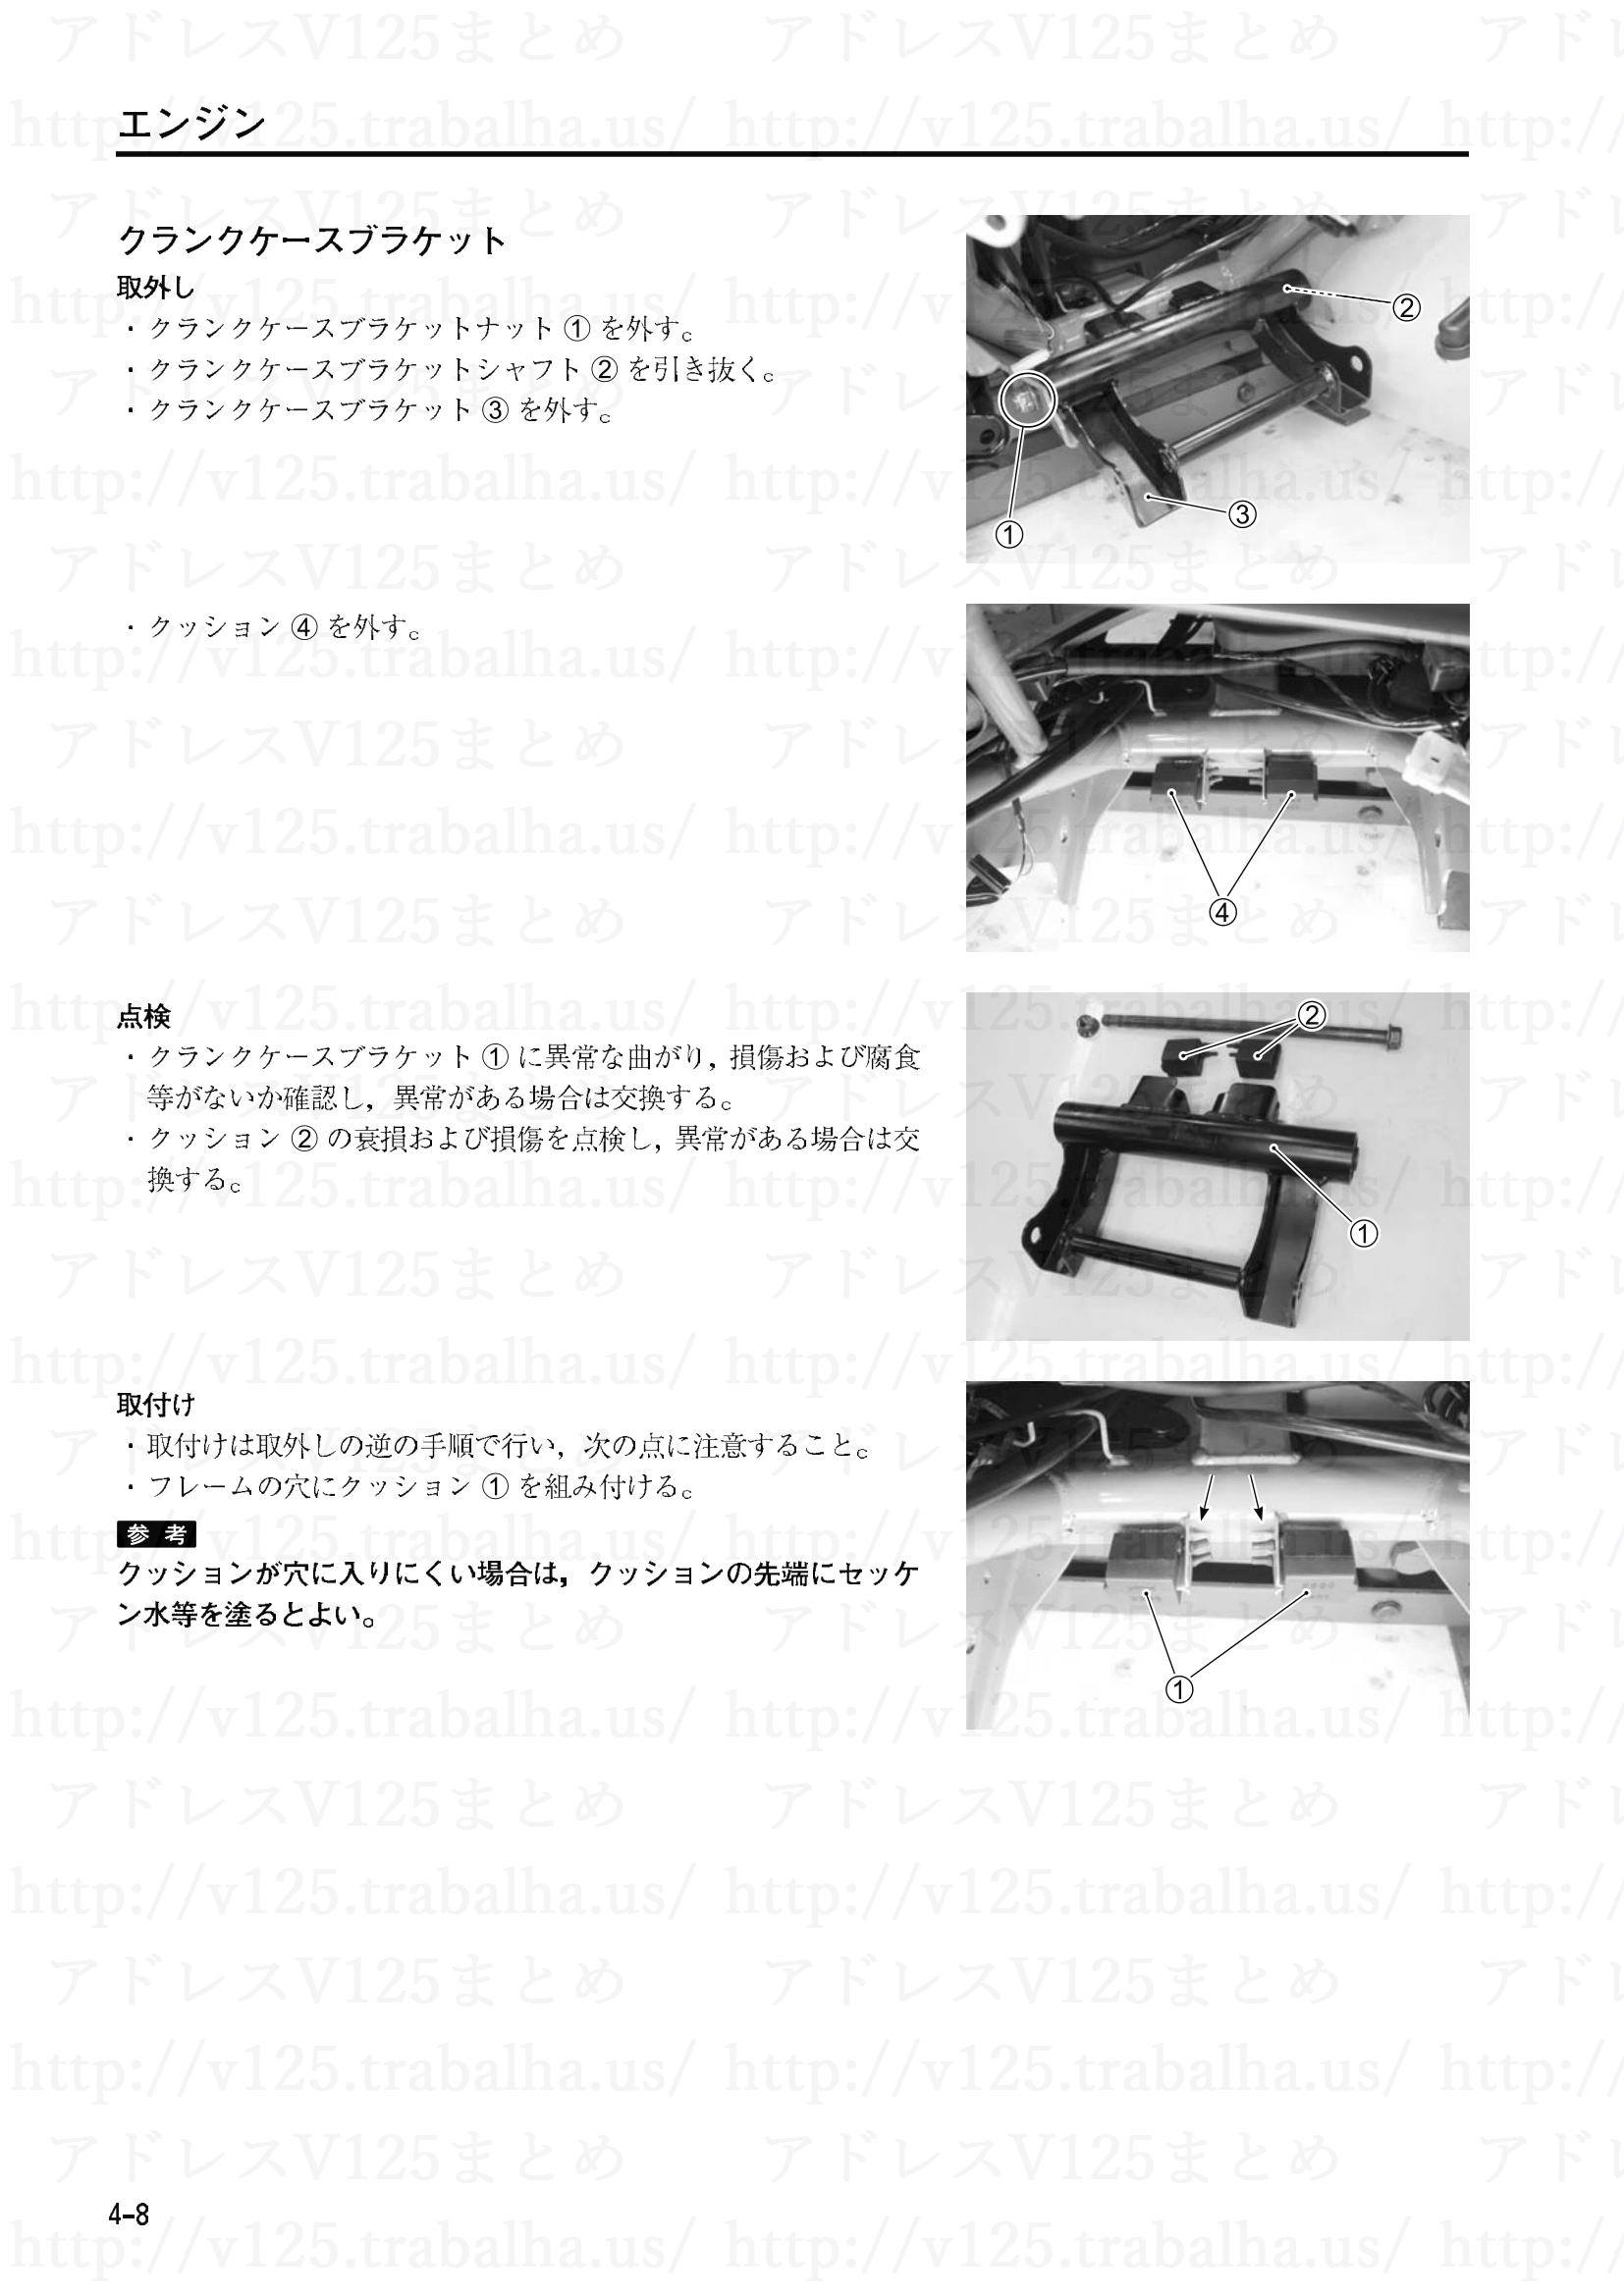 4-8【エンジン】エンジンアッシの脱着5